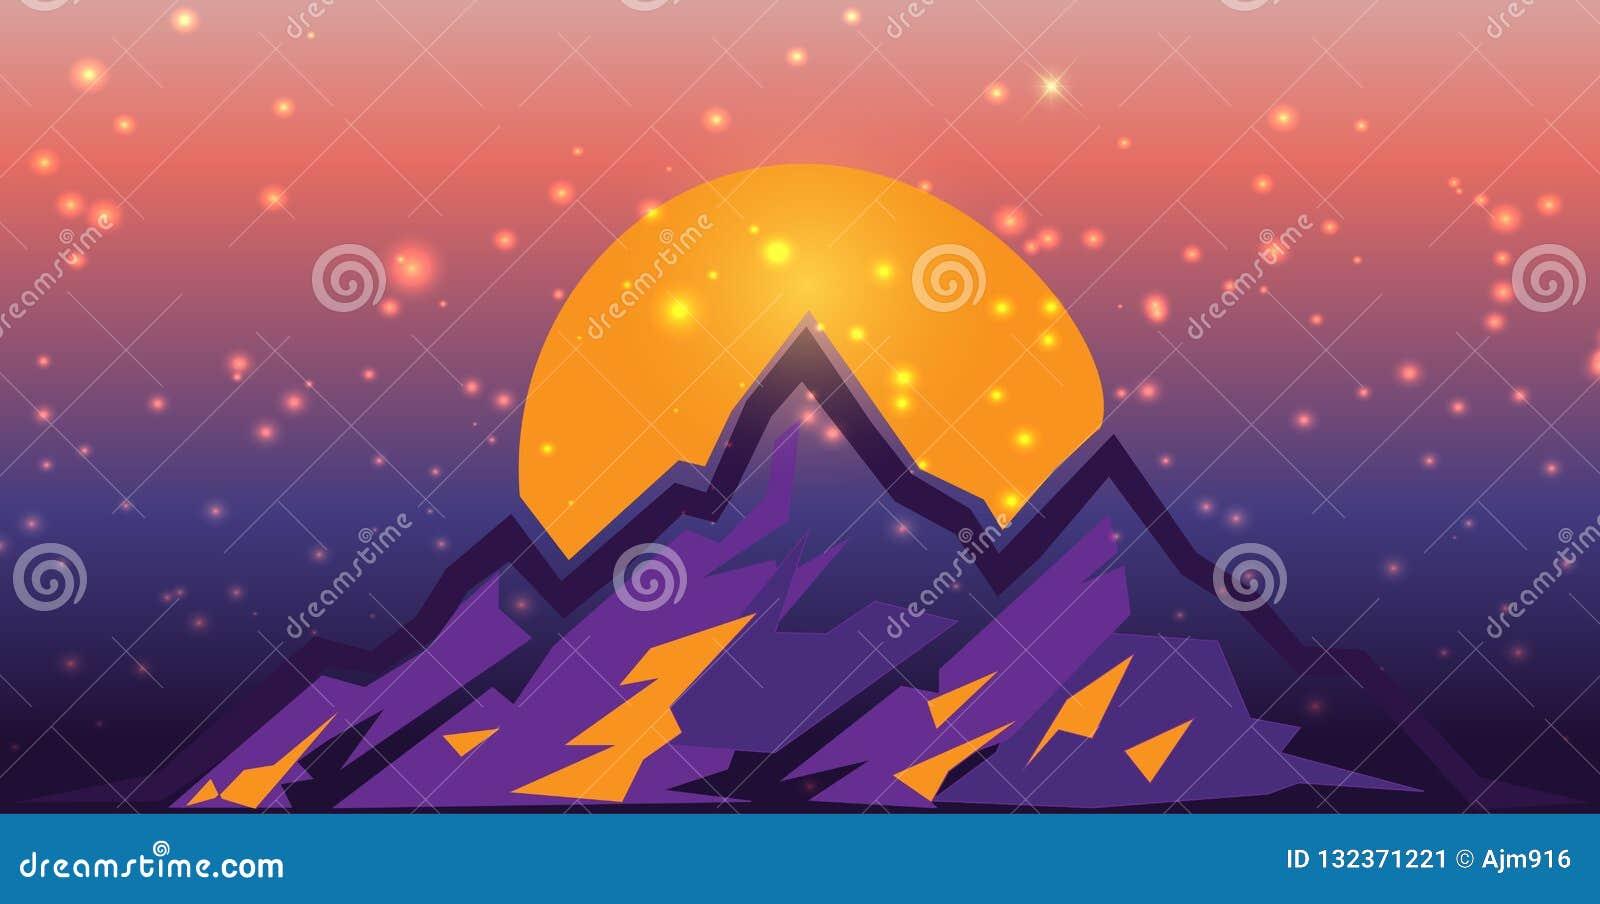 Surreal Berg scape bij Zonsondergang met gloed en lichten Vlakke ontwerp vectorillustratie Purple en sinaasappel